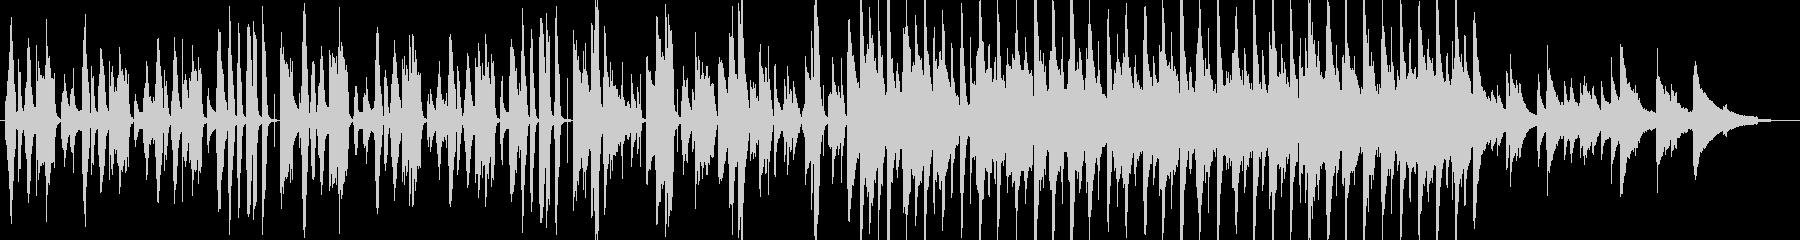 ピアノと鍵盤ハーモニカによる軽快なジャズの未再生の波形